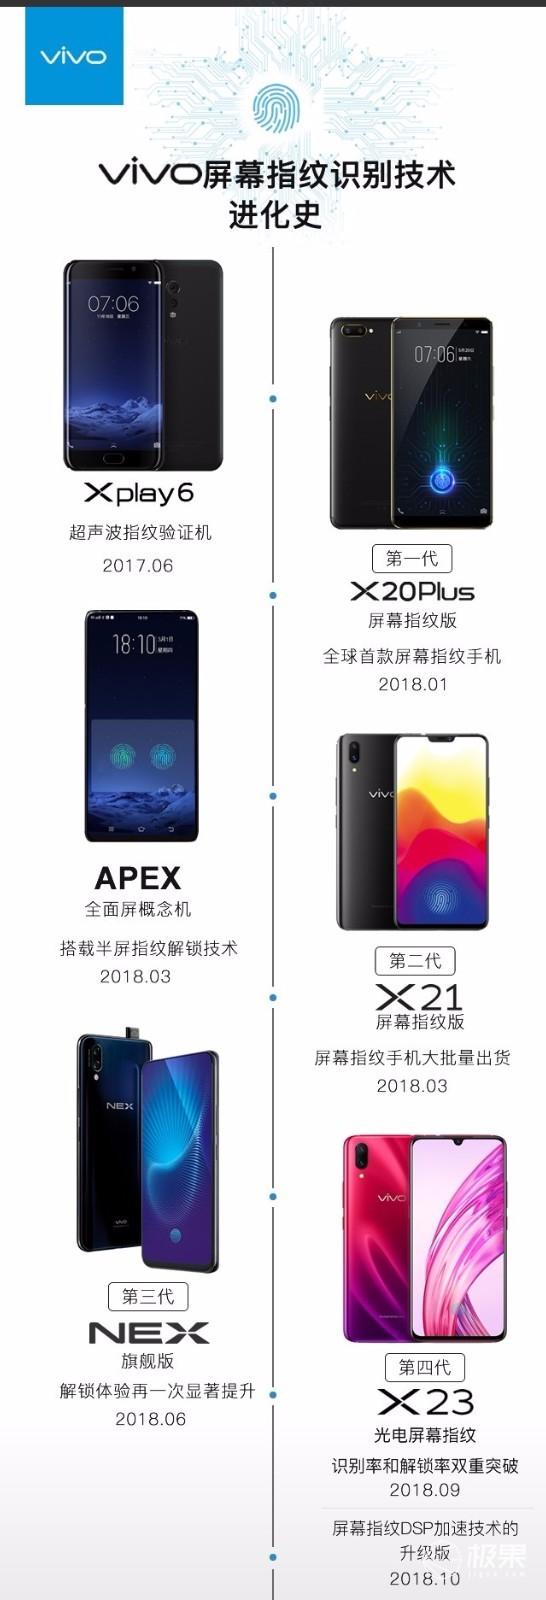 vivoX23手机